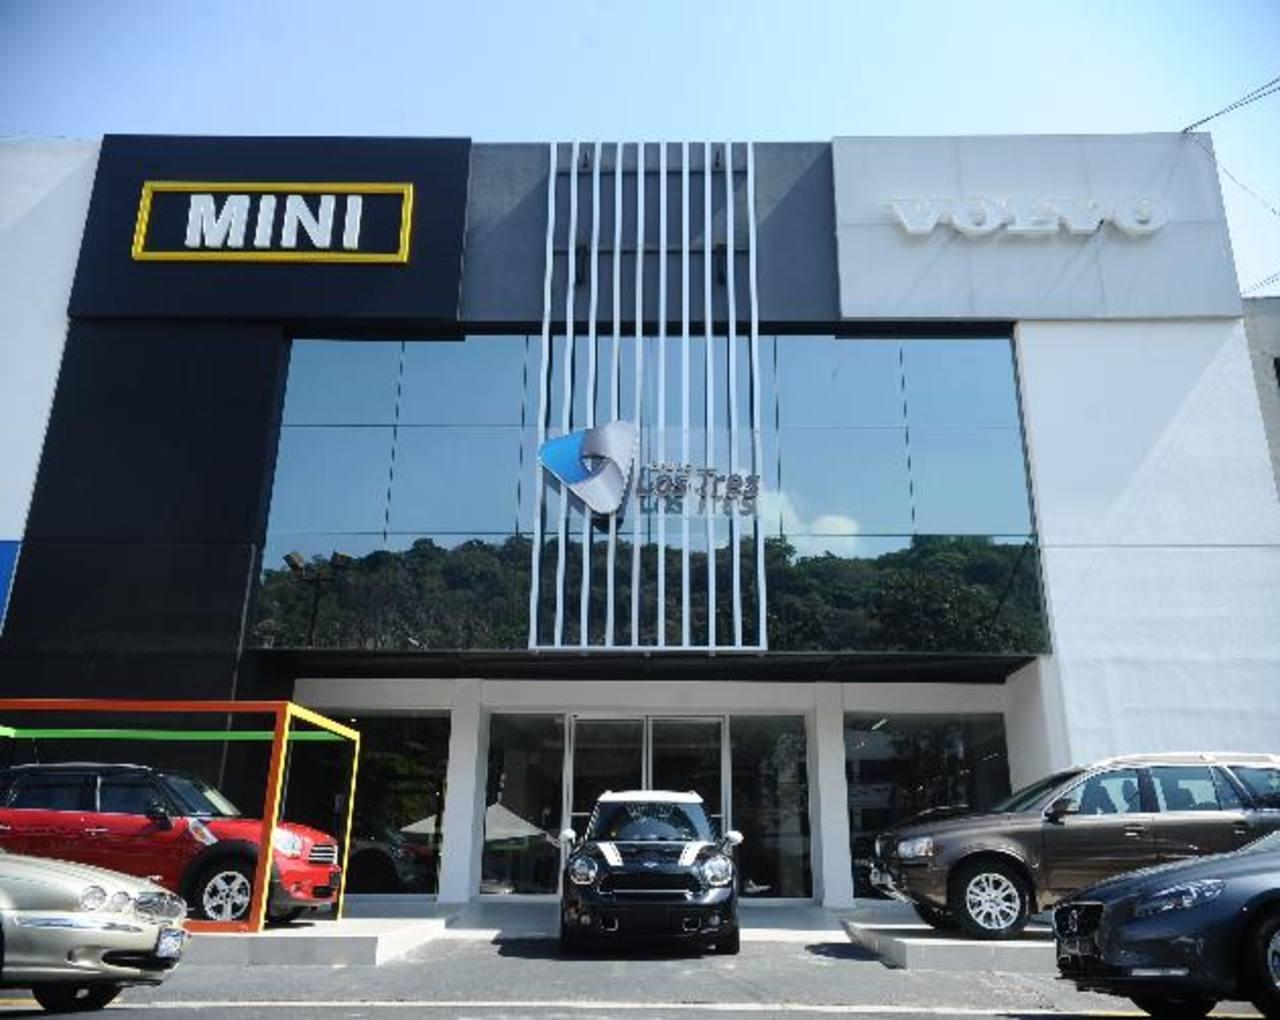 Con la llegada de la marca Mini y los nuevos modelos de Volvo, el Grupo Los Tres, ha experimentado un aumento en sus ventas, En el país cuenta con dos sucursales.